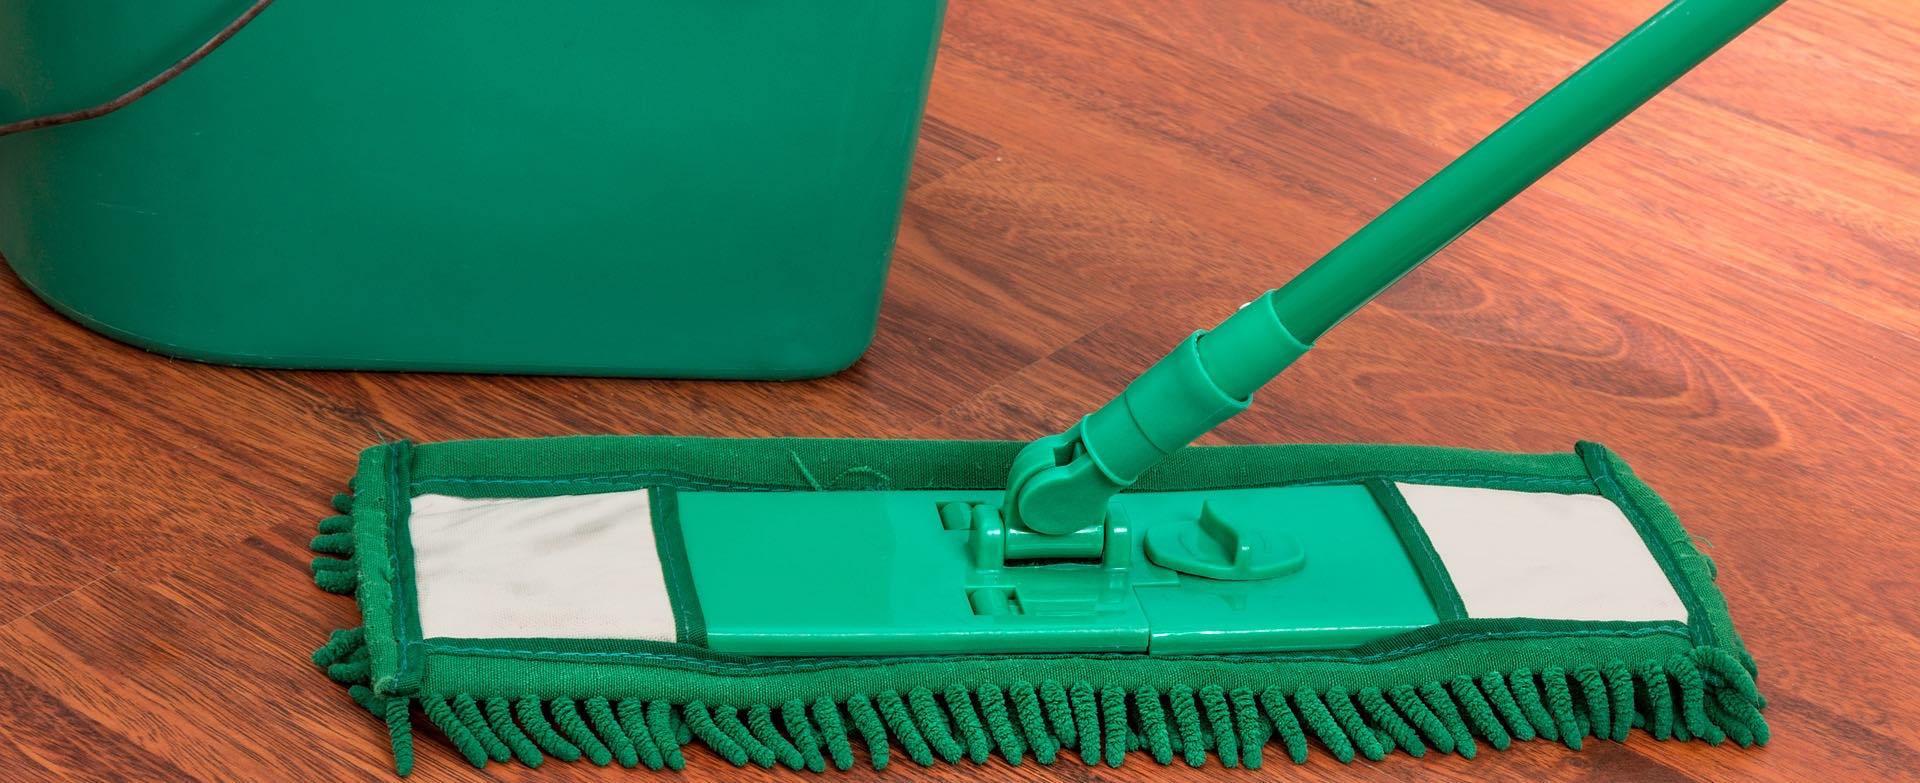 年終大掃除灰塵滿天飛⋯小心把「塵蟎」吃下肚,增加腸漏風險!